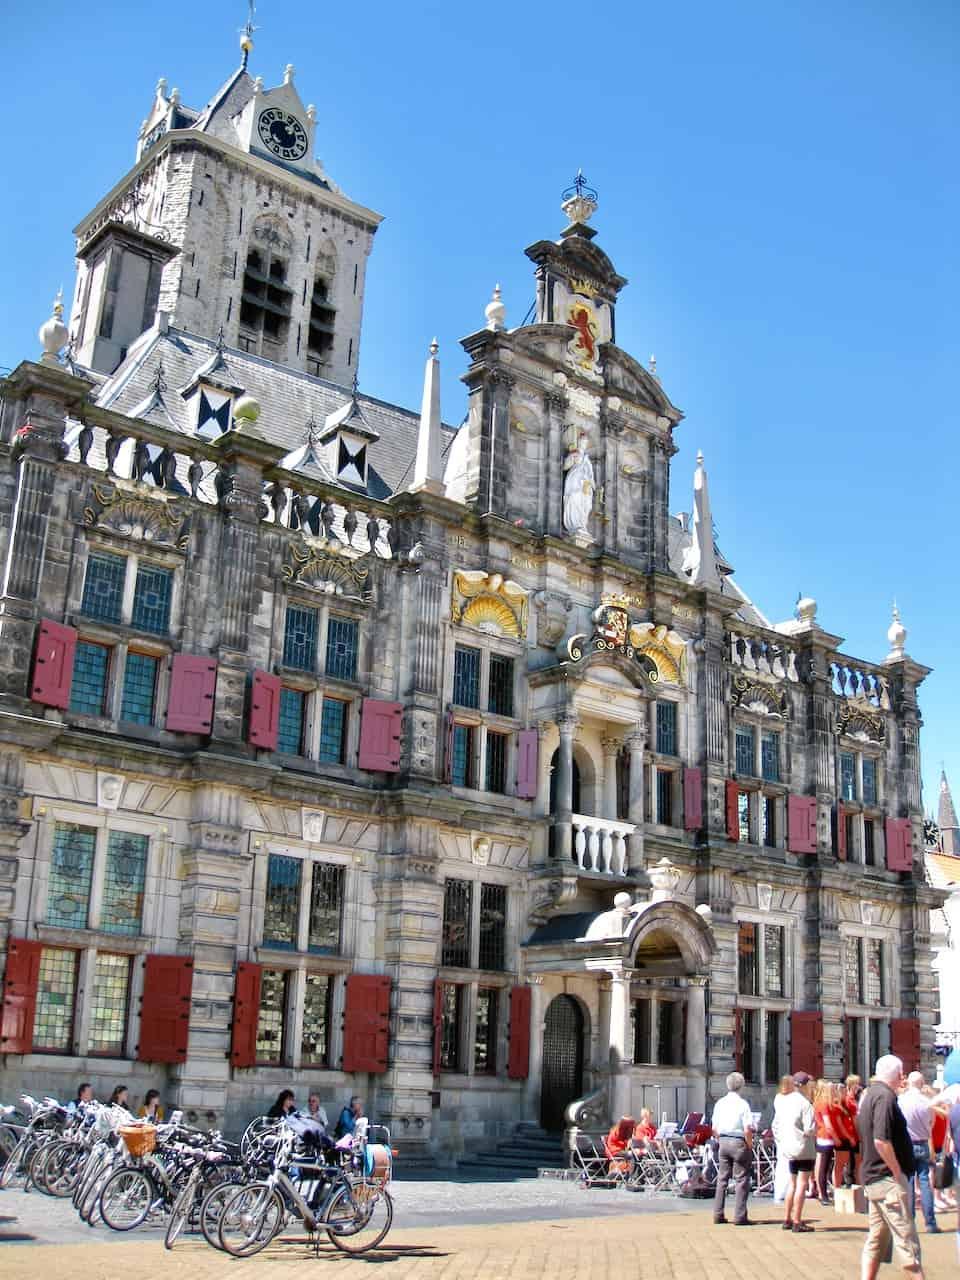 stadhuis-delft-photo